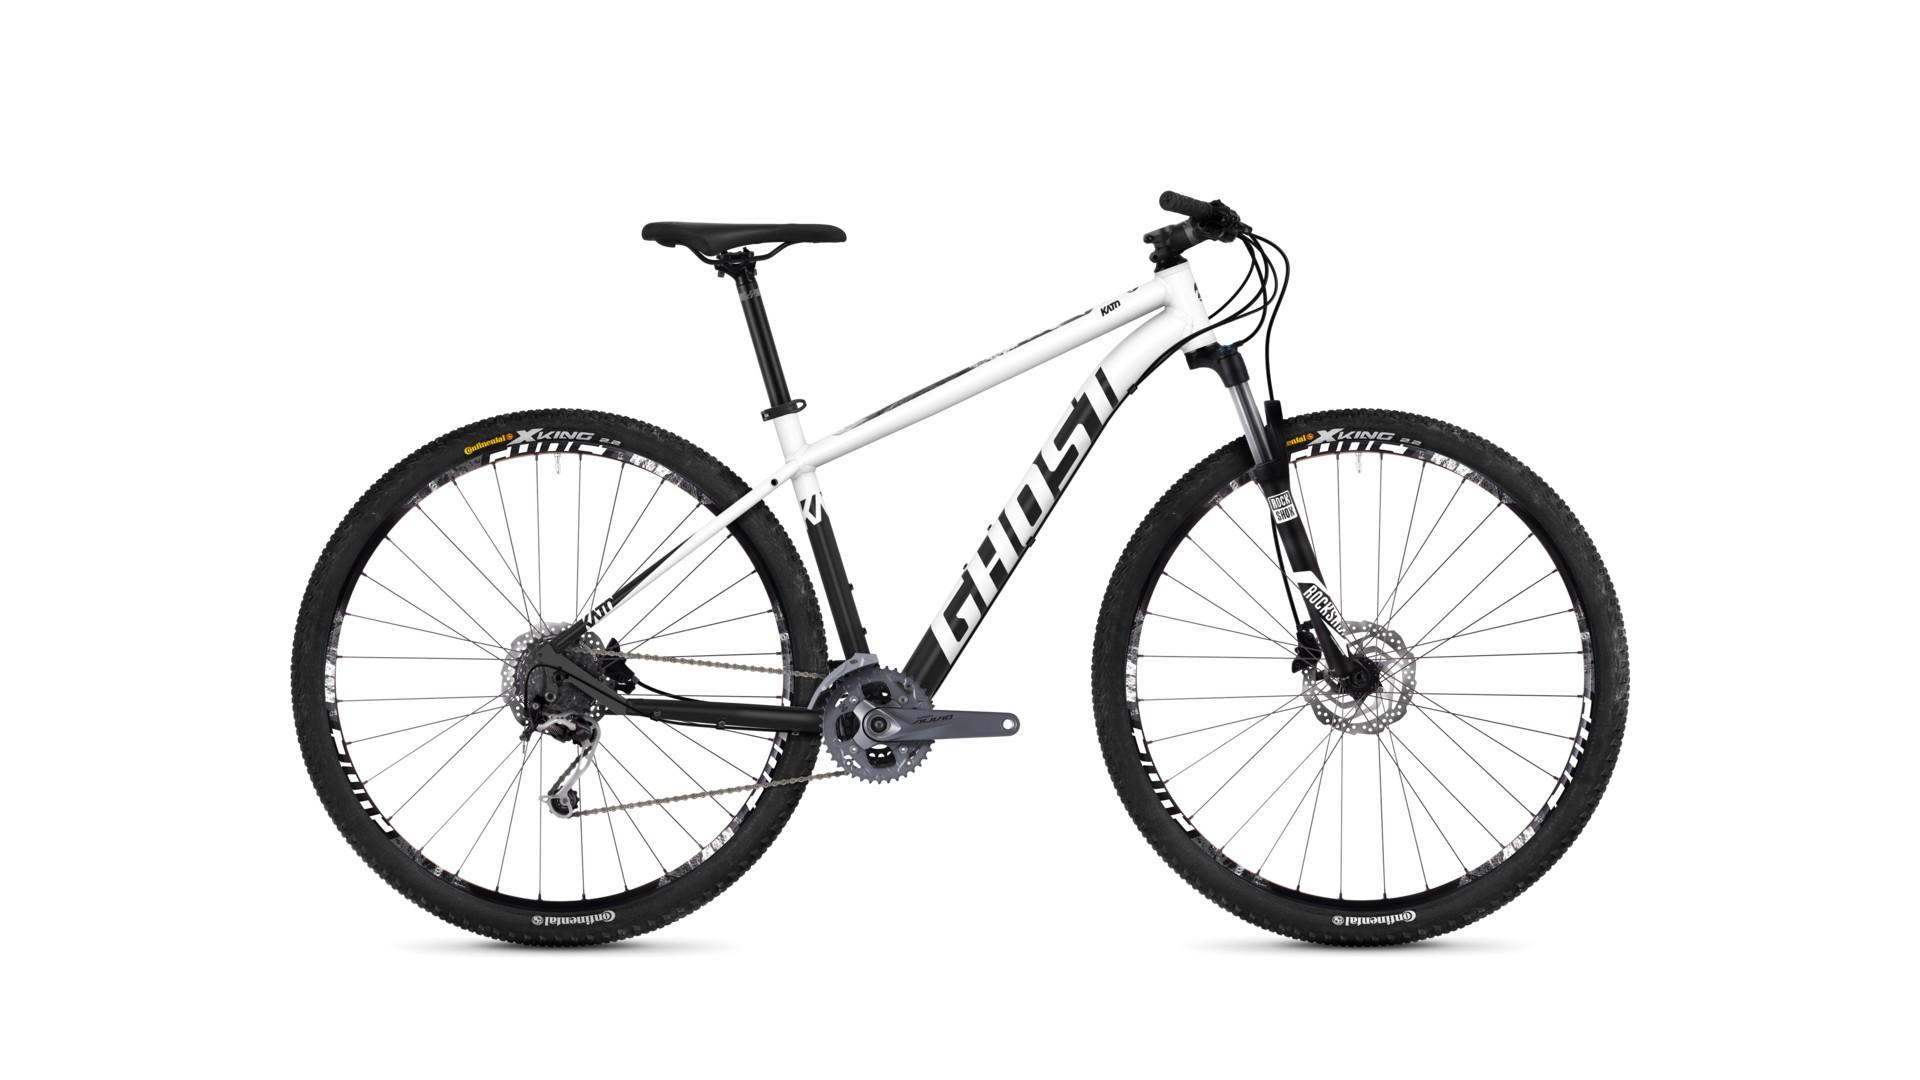 Велосипед GHOST Kato 5.9 AL U starwhite/nightblack год 2018